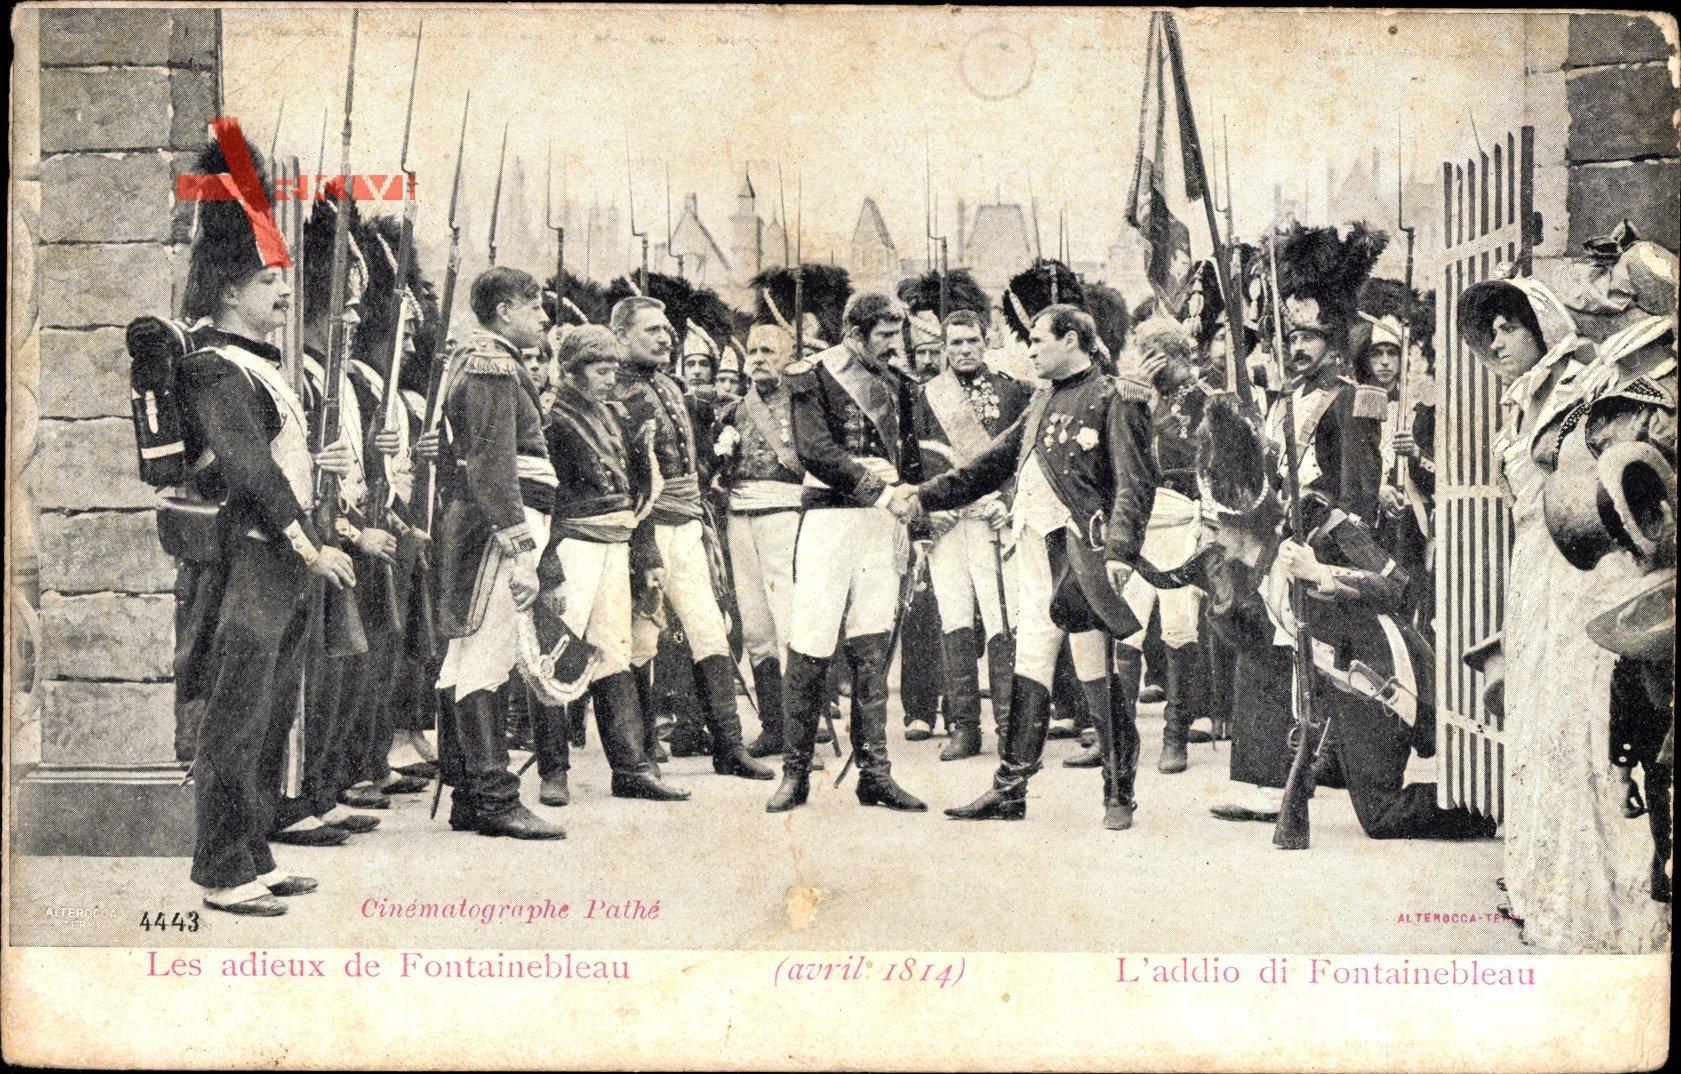 Les adieux de Fontainebleau, Napoleon Bonaparte, Soldaten, Avril 1814